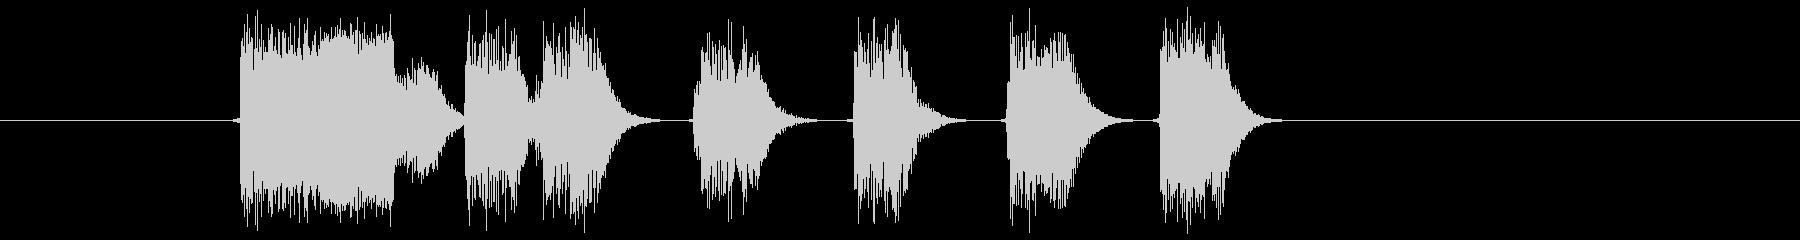 ゲームオーバーに最適なエレピ音の未再生の波形